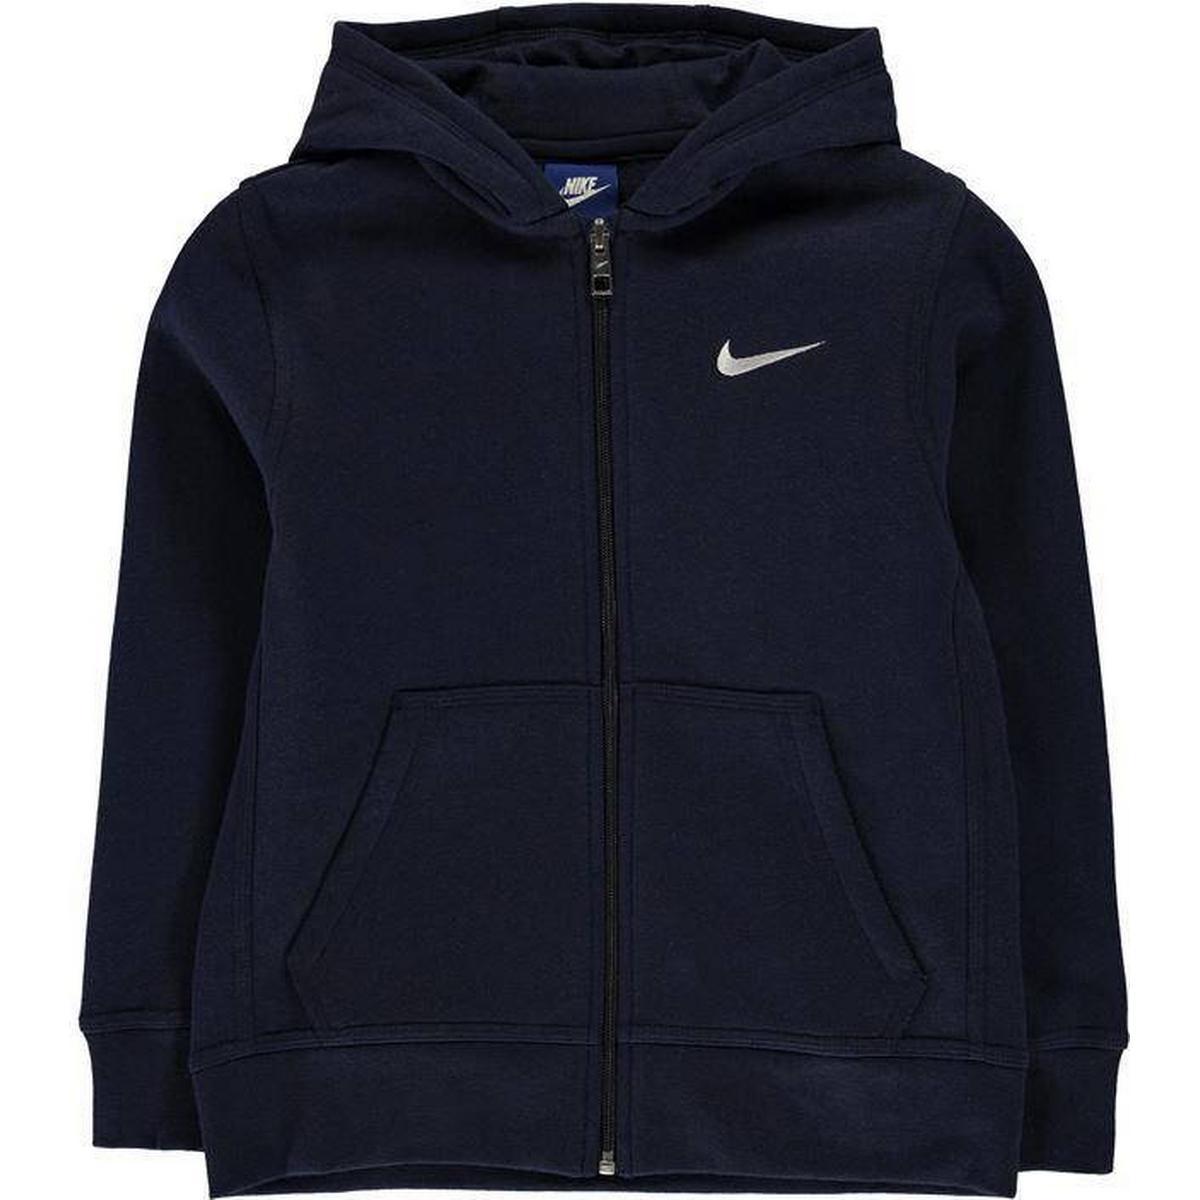 d1303e68 Nike Jakker Børnetøj - Sammenlign priser hos PriceRunner